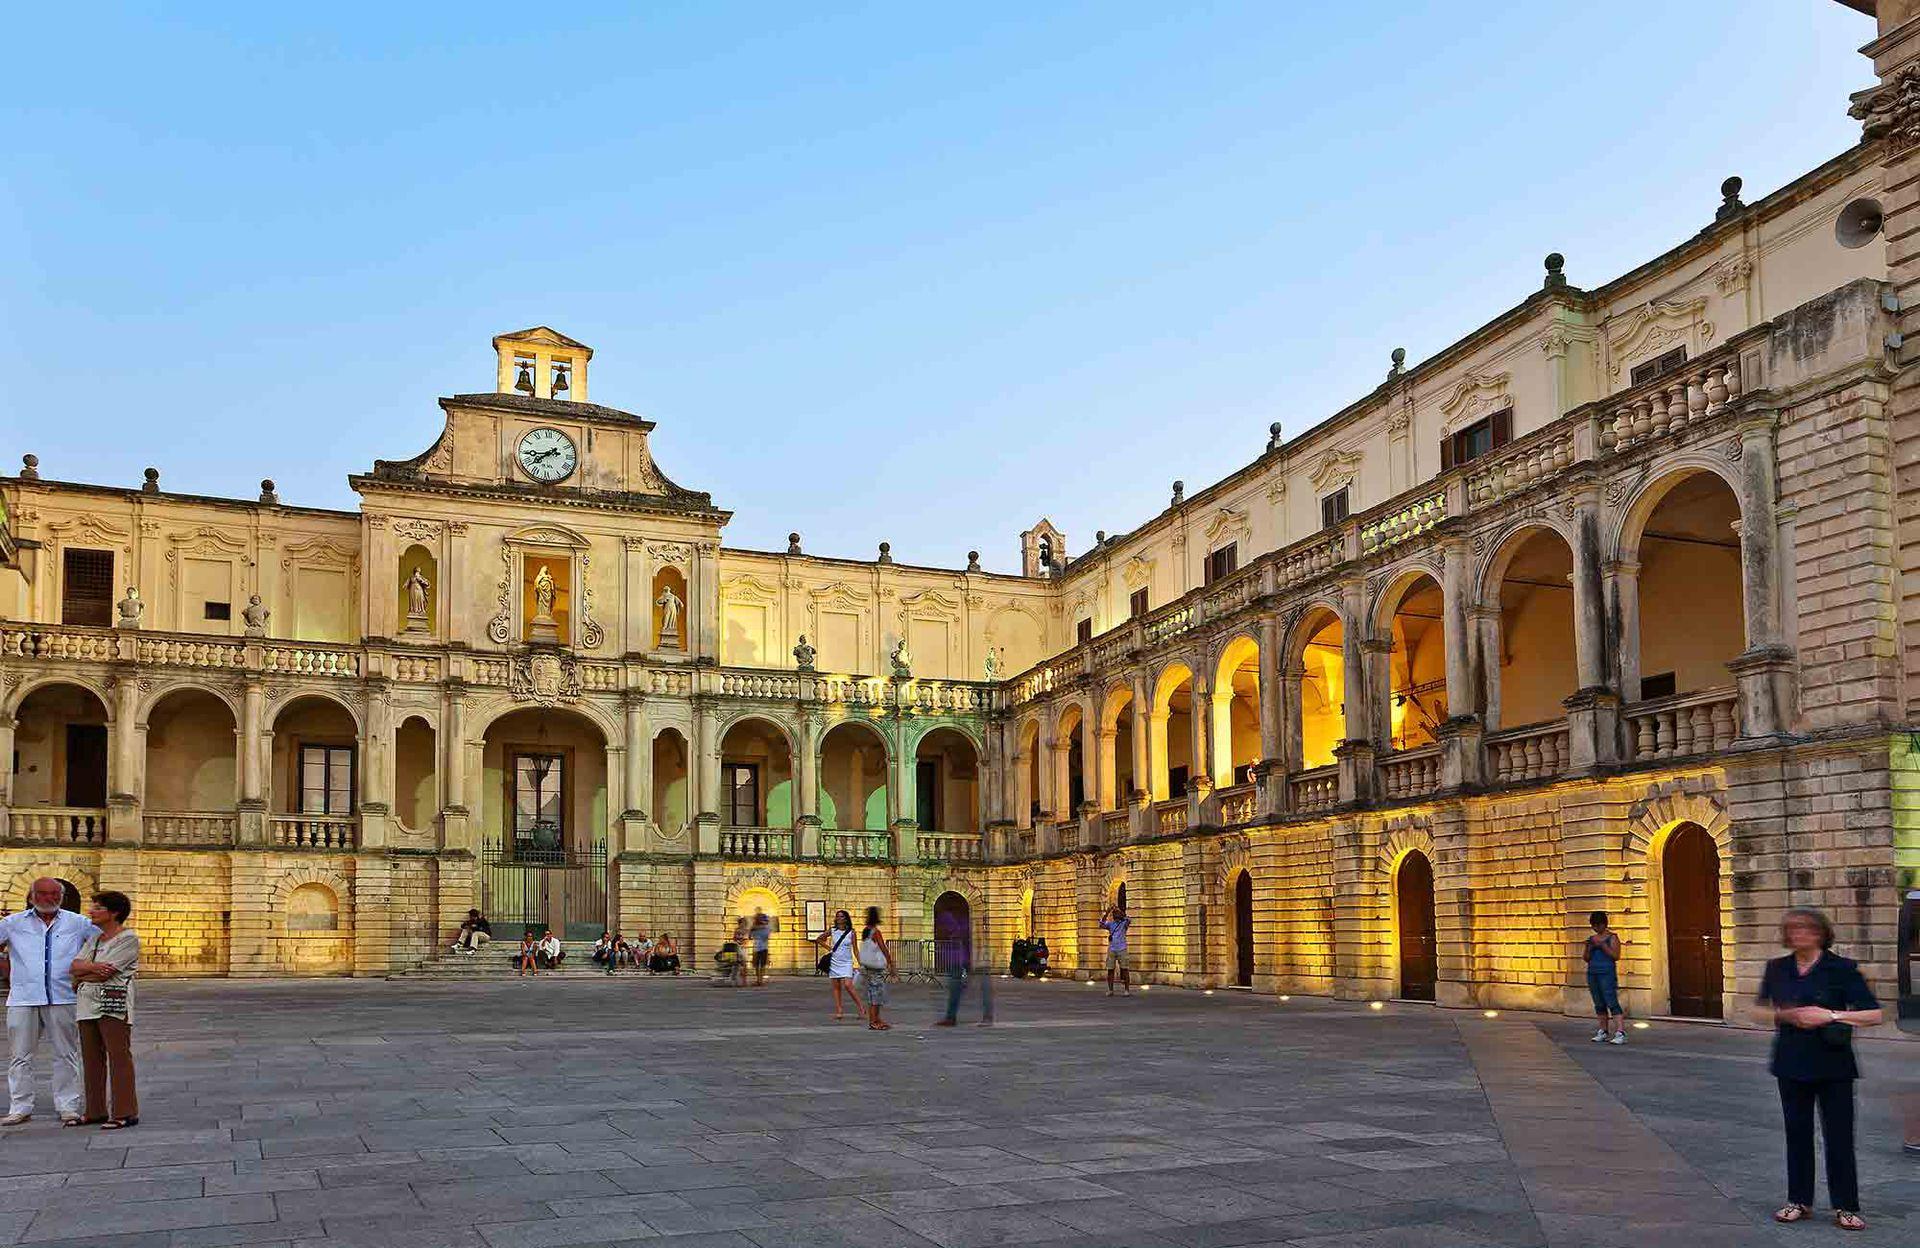 Lecce es un ejido espléndido de iglesias, palazzos y columnas de un tono amarillo encendido, característico de la piedra leccese, propia de las canteras vecinas, aún en actividad.